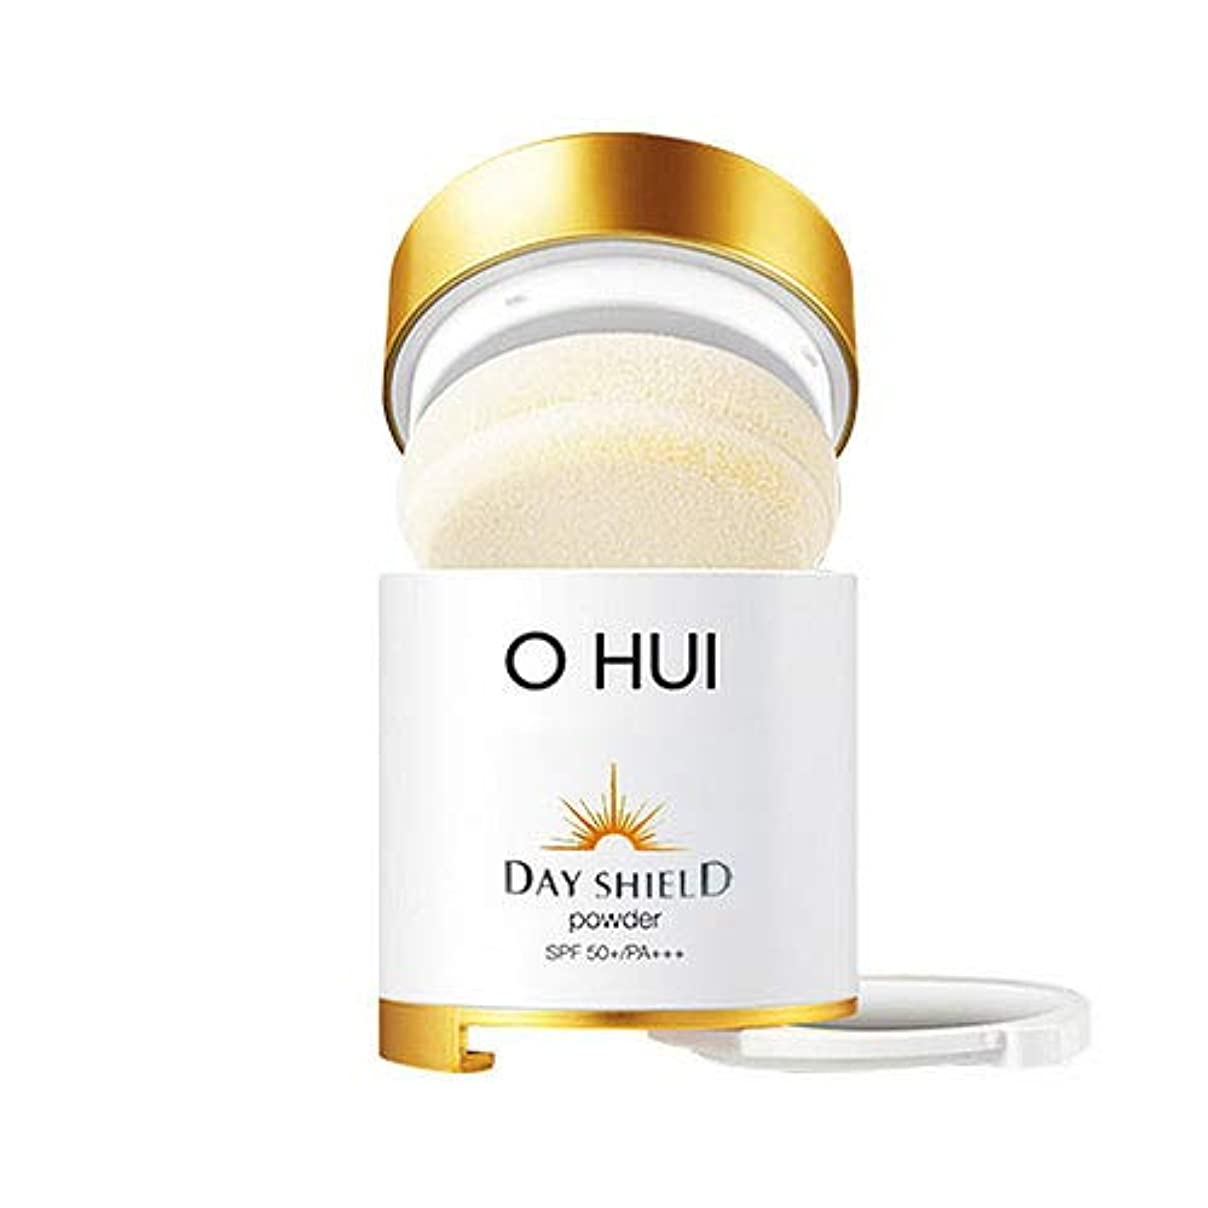 置換それから桃オフィ デイシールドサンパウダー 20g OHUI Day Shield Sun Powder (# beige) [並行輸入品]